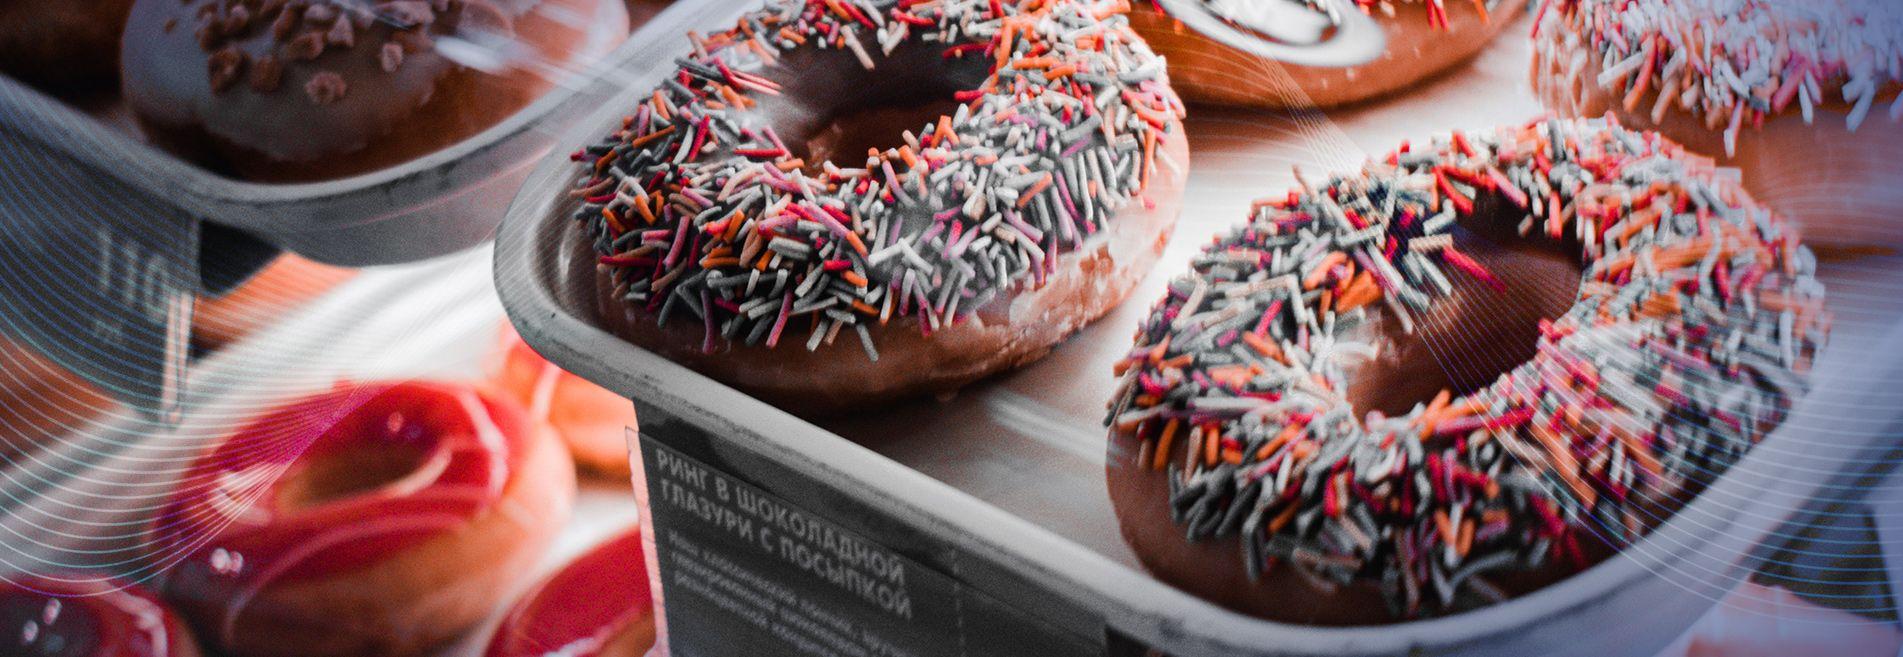 Witryna cukiernicza do ekspozycji deserów